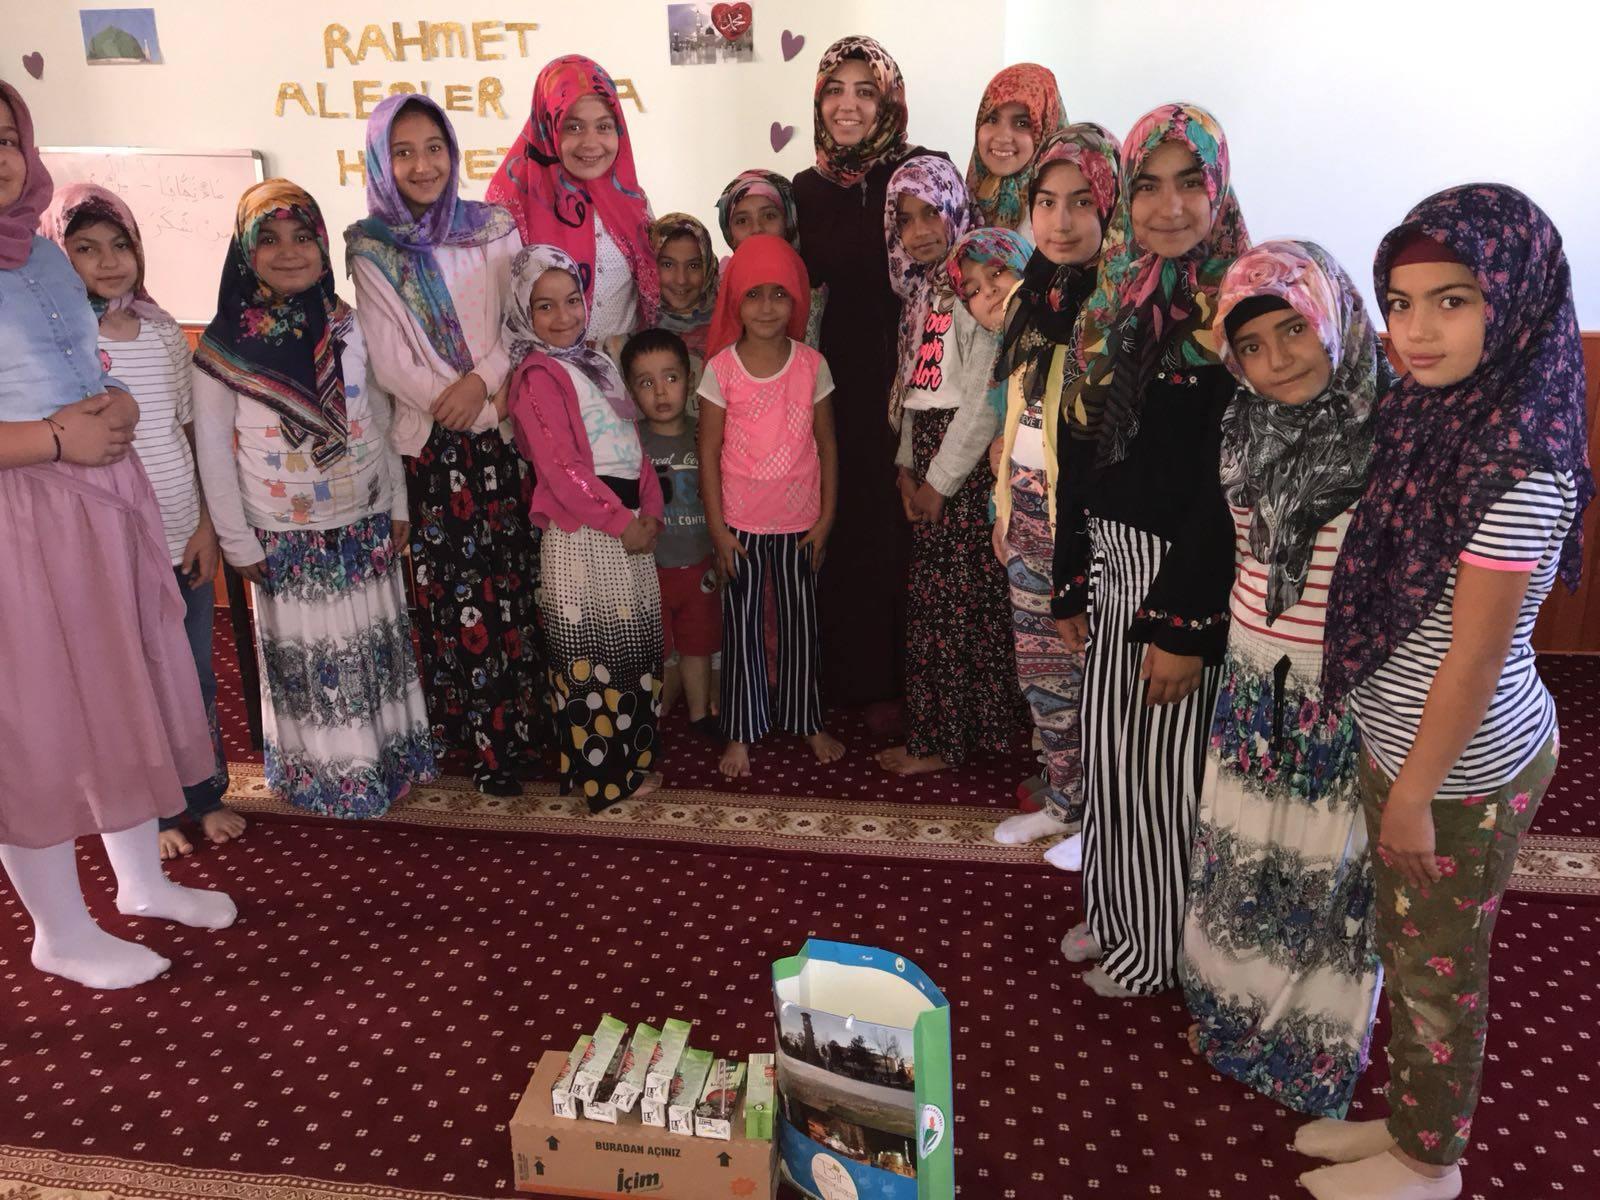 Sungurlu Belediye Başkanı Abdulkadir Şahiner, mahallelerde yaz döneminde açılan Kuran Kurslarına katılan öğrencilere çikolata ve meyve suyu ikram etti. Dini ve milli eğitime her zaman destek olduklarını söyleyen Şahiner, yaşıtları gününü gün ederken bu gençlerin gösterdiği özverinin takdirle karşılanması gerektiğini vurguladı.   Sungurlu Haber